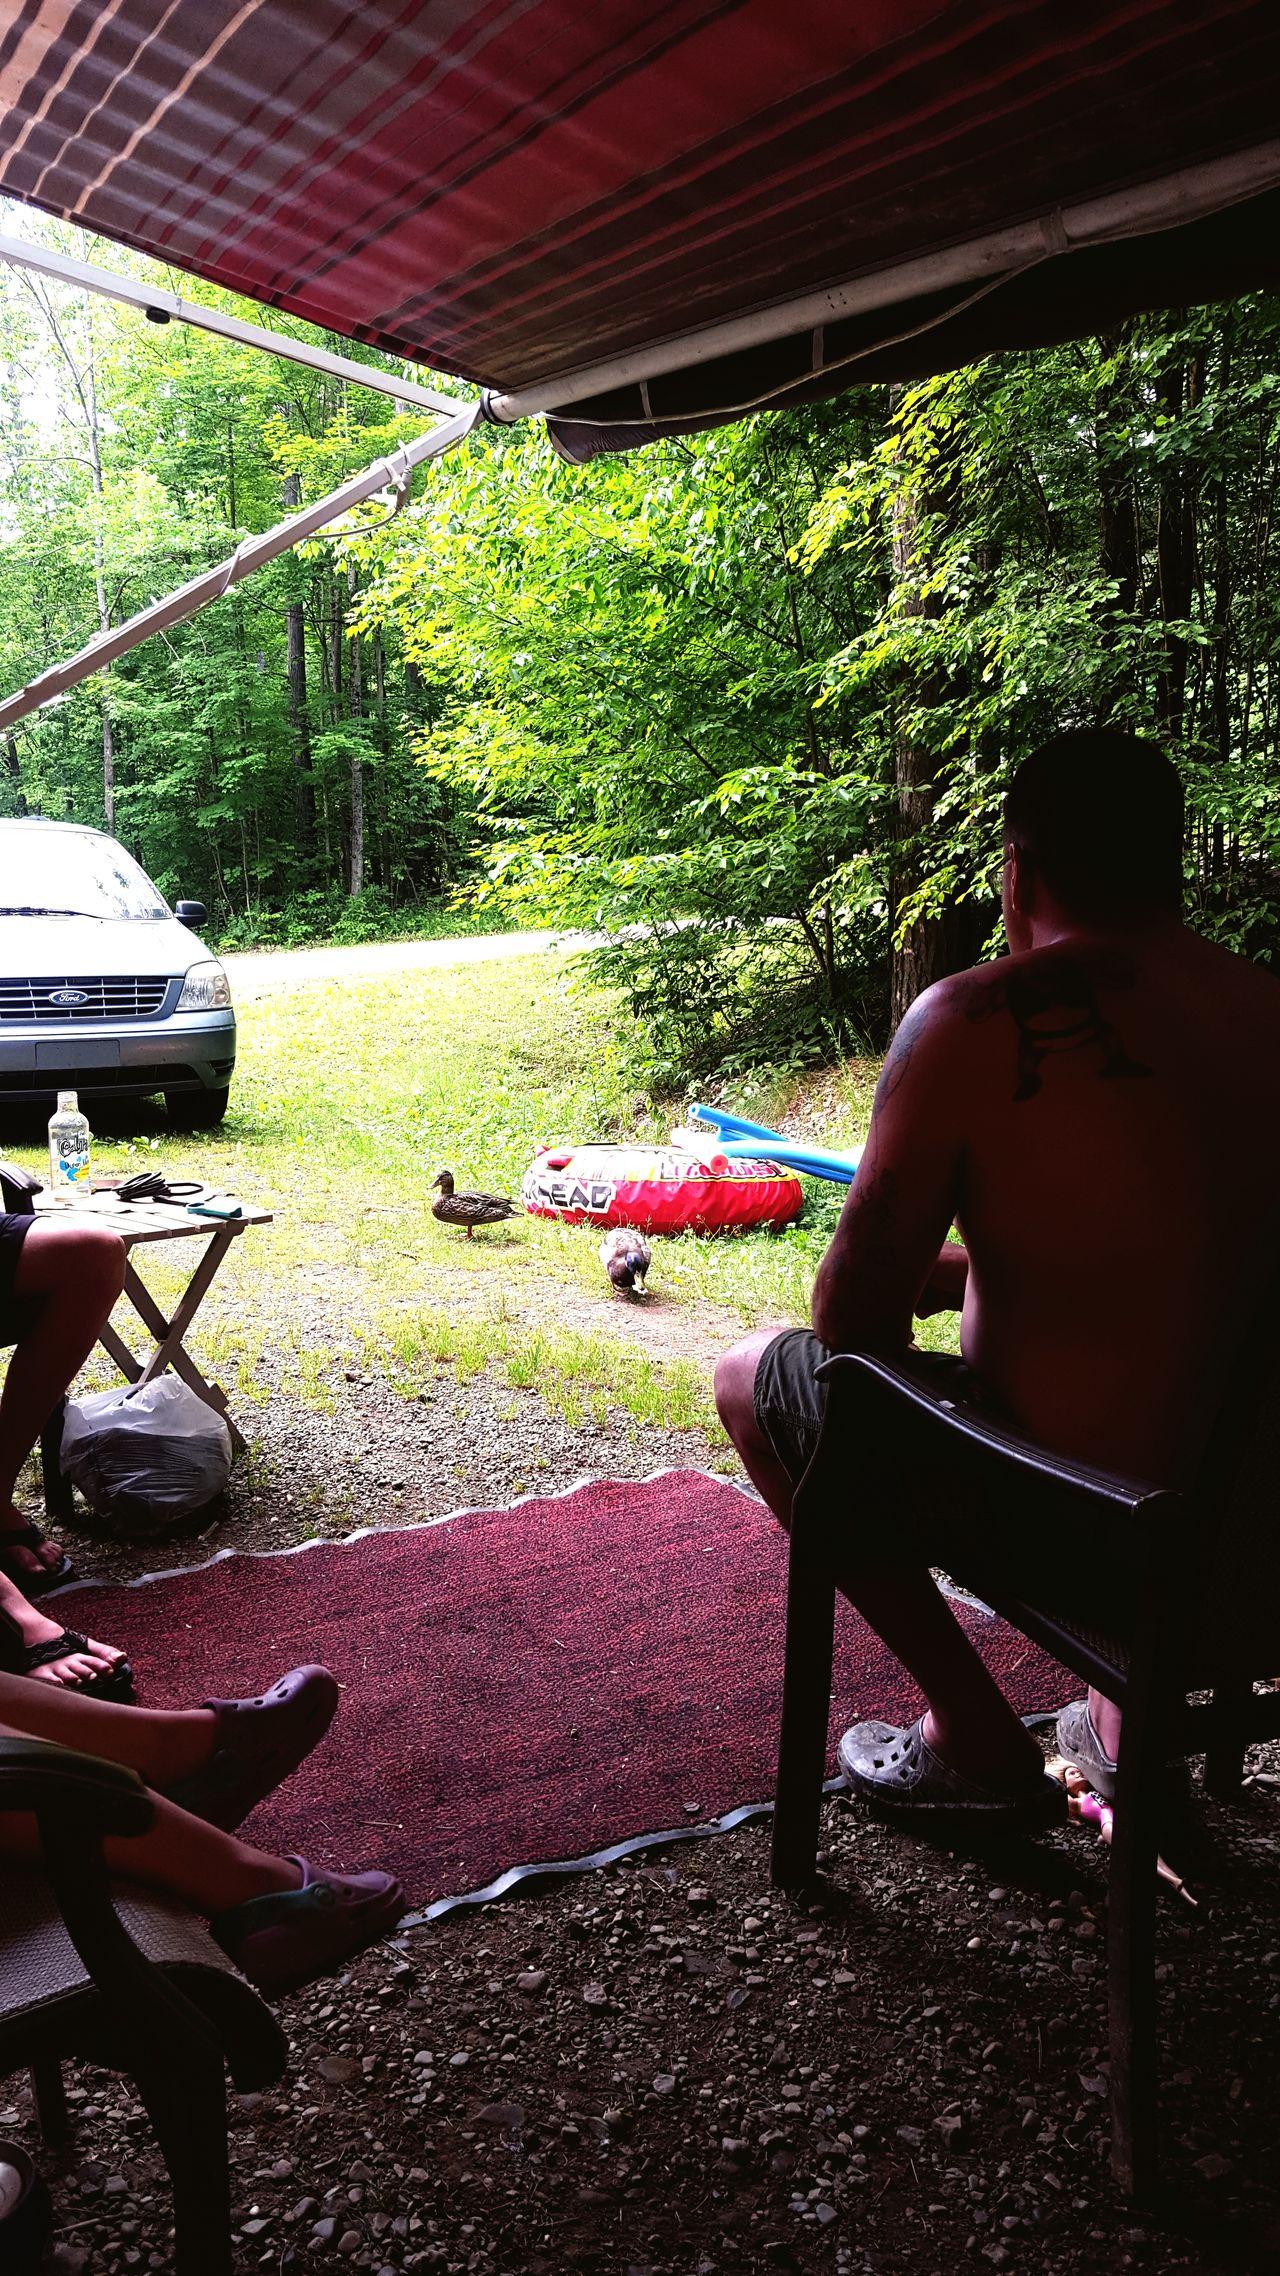 Allegheny National Forest Red Bridge Campground First Eyeem Photo